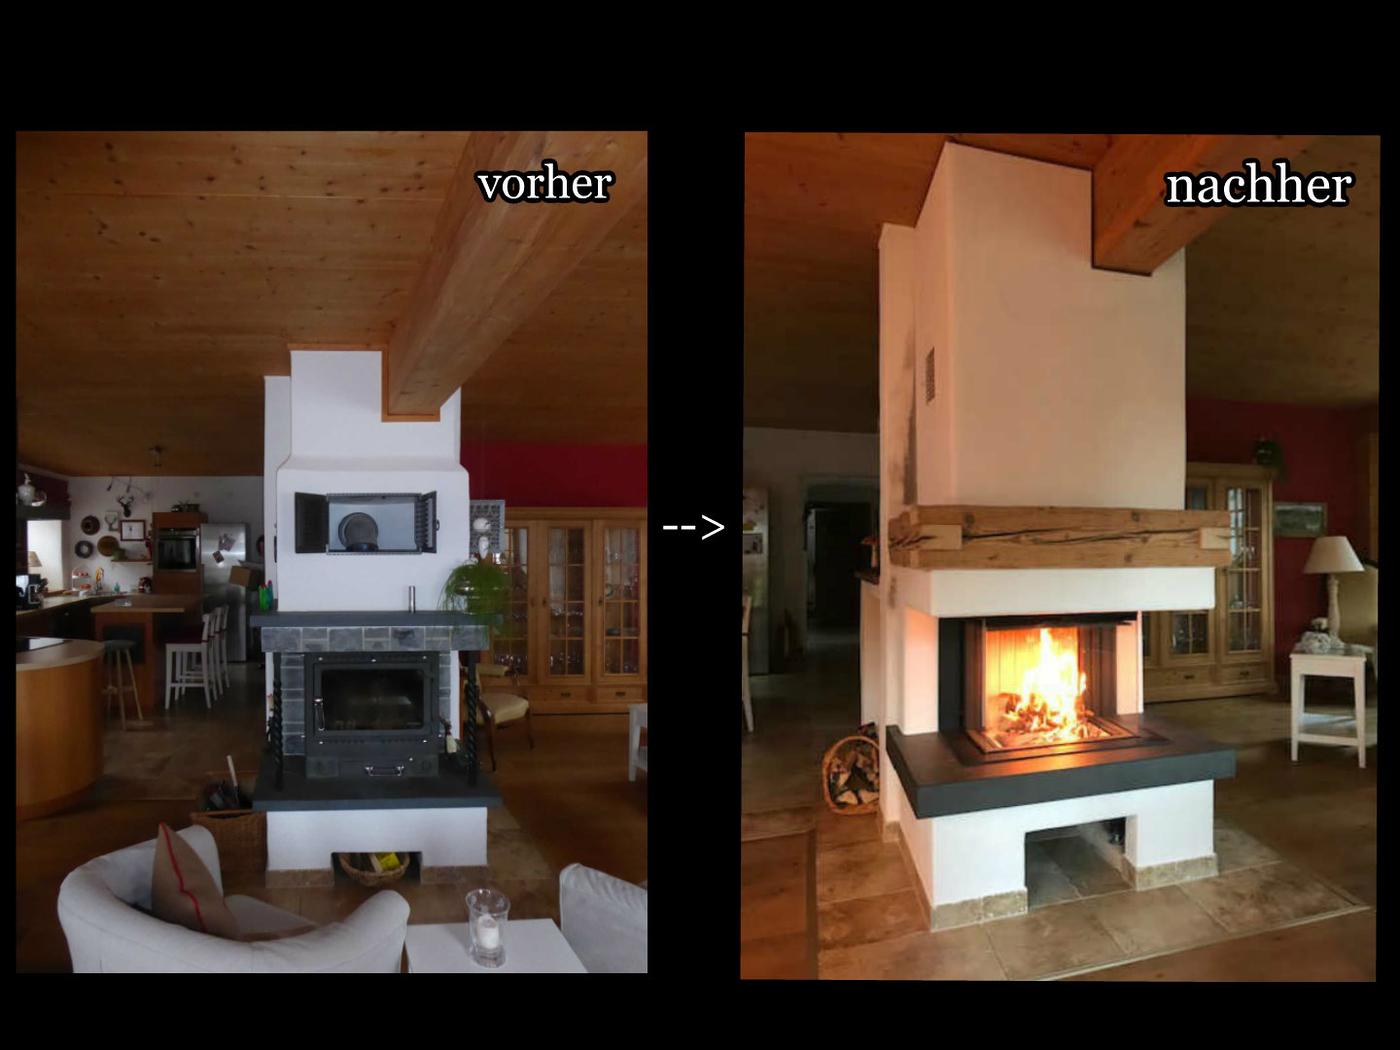 Full Size of Kamin Modern Ethanol Kaufen Elektrisch Offenen Modernisieren Wohnzimmer Optisch Offener Preise Als Modernisierung Kachel Alter Optische Und Technische Ihres Wohnzimmer Kamin Modern